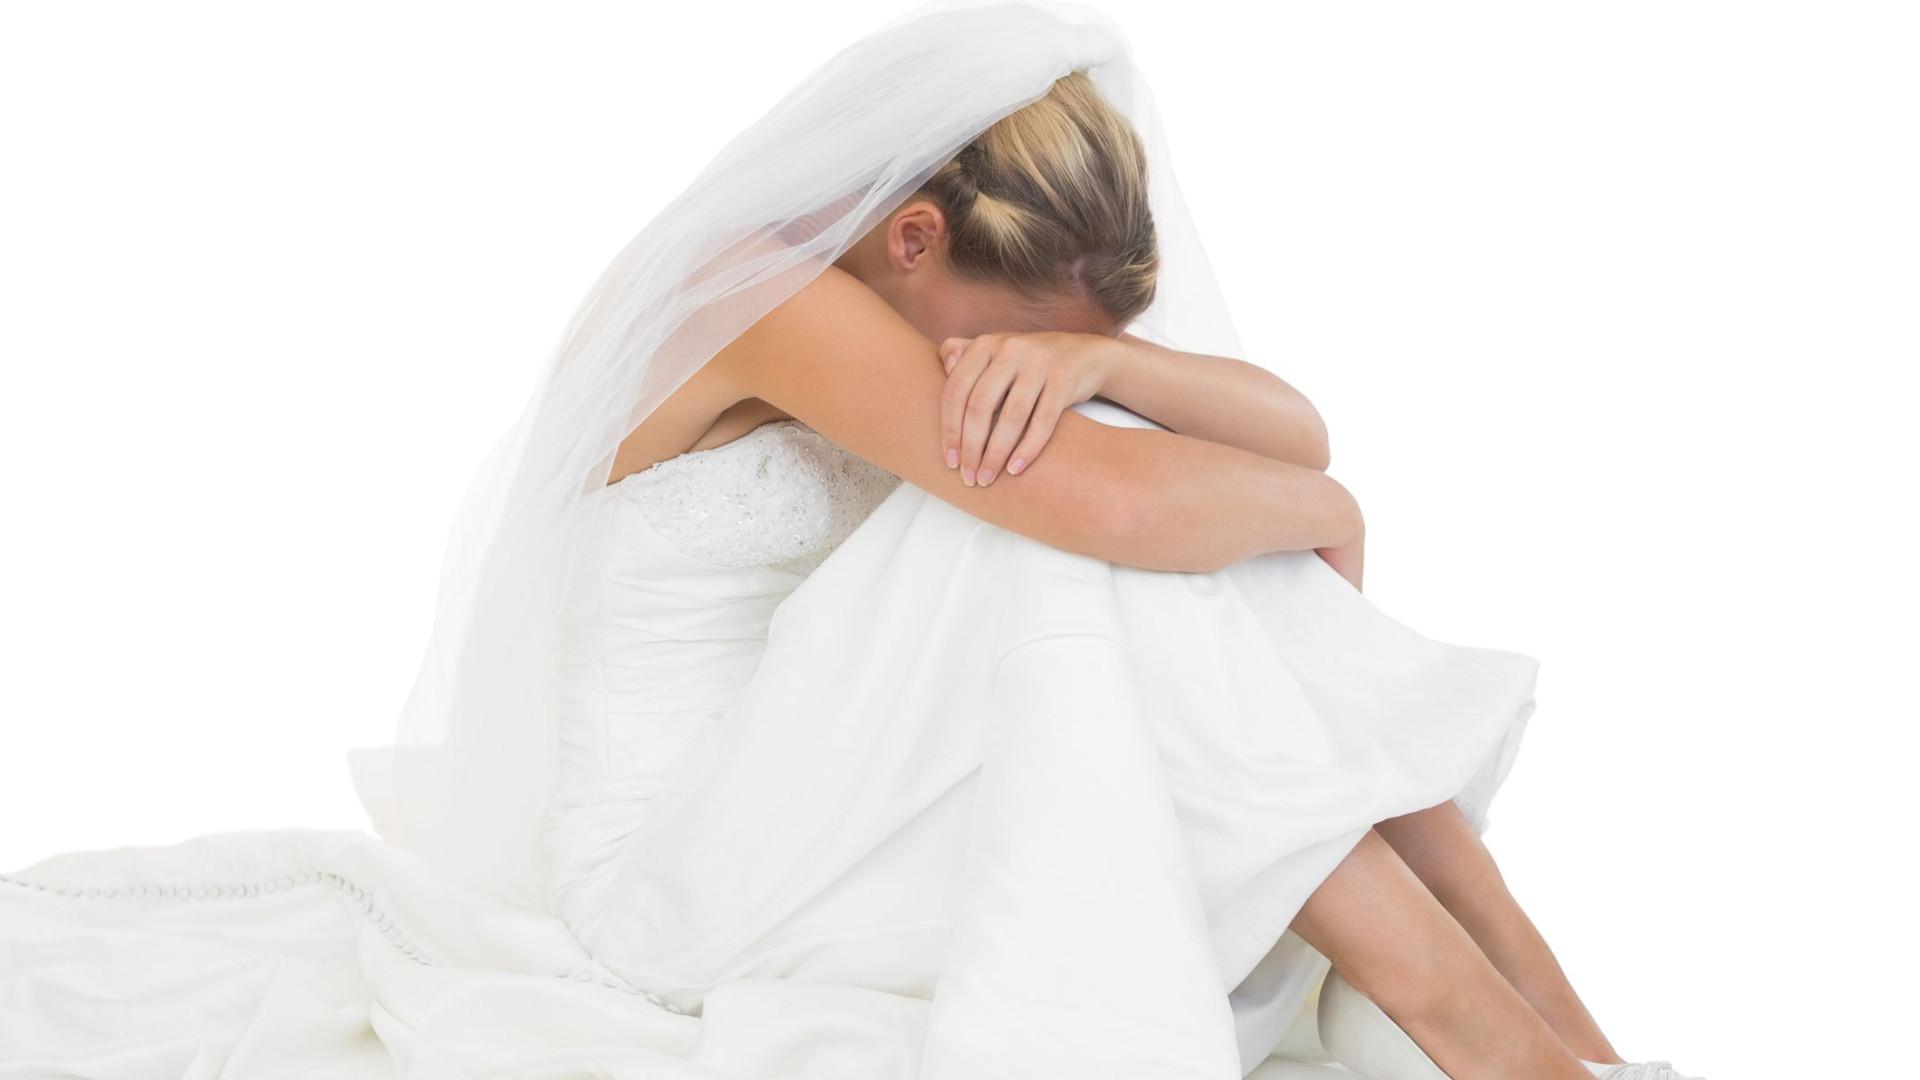 Pediu 1.200 euros a convidados de casamento. Evento foi cancelado